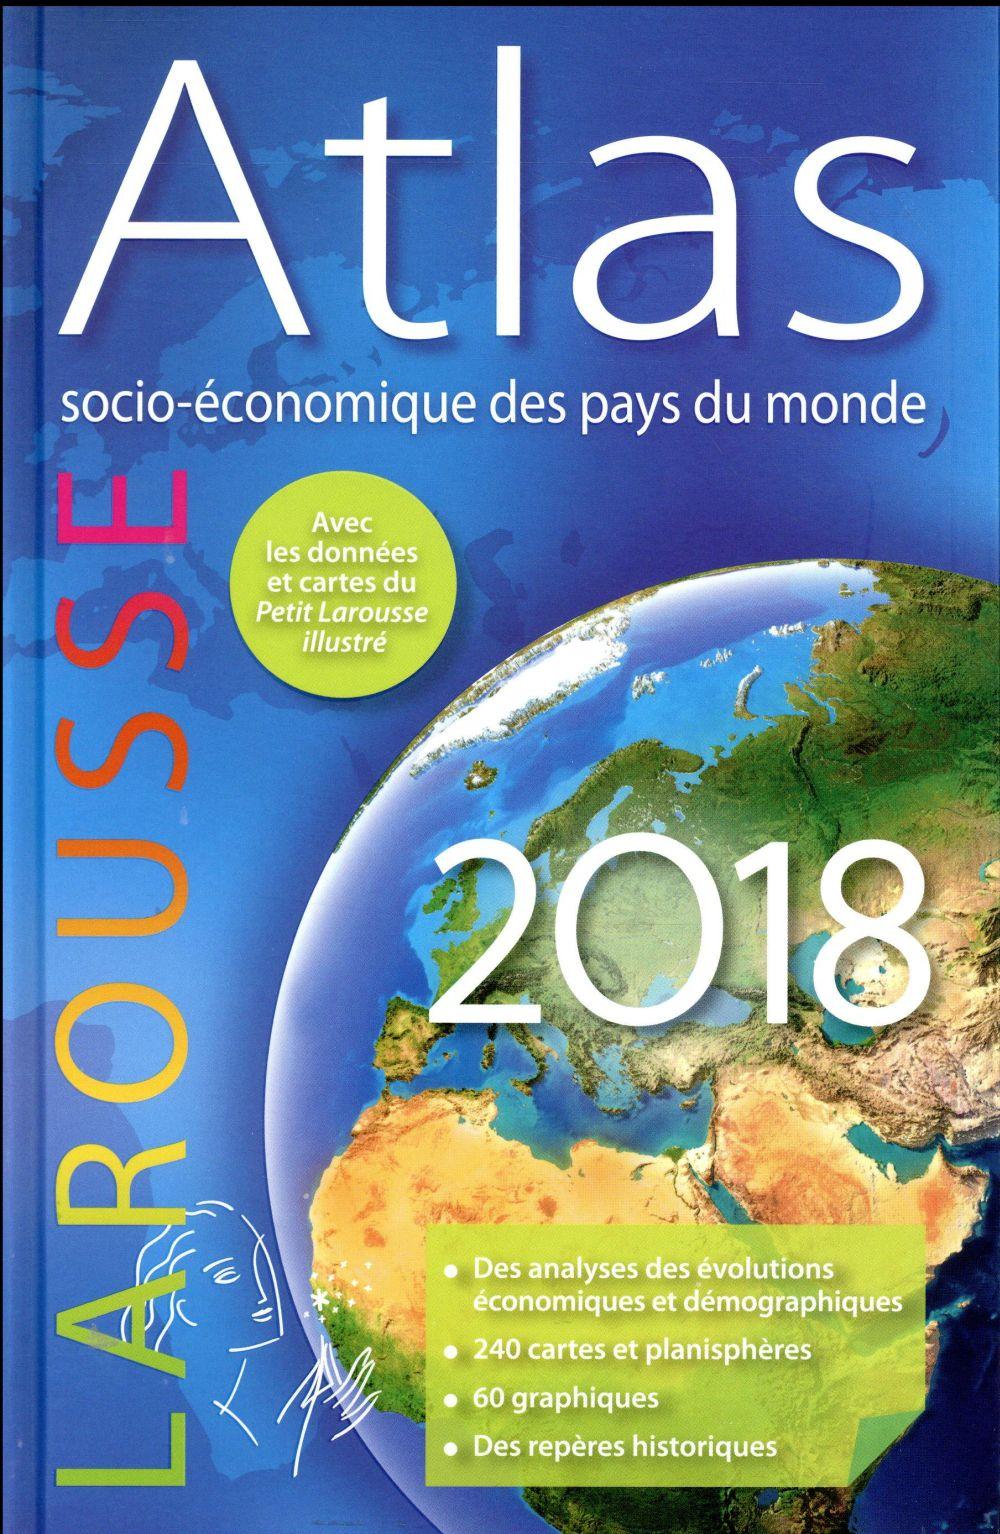 Atlas socio-économique des pays du monde (édition 2018)